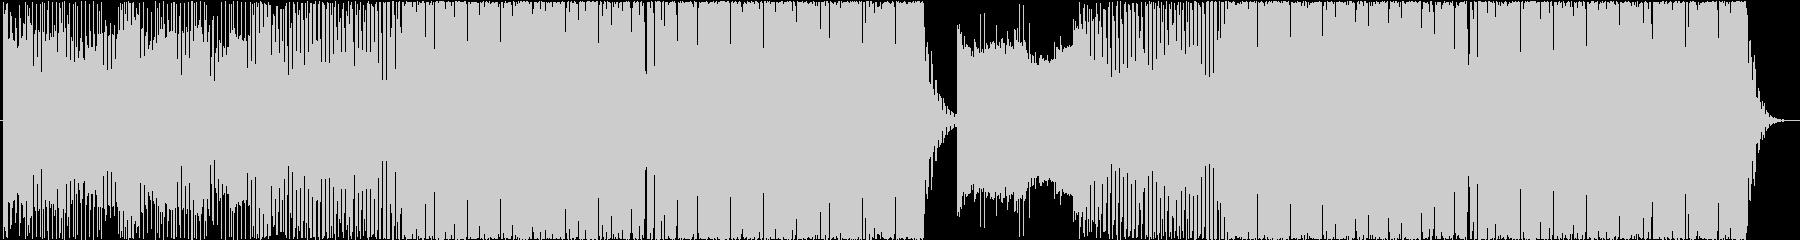 日本カッコイイフューチャーハウスBGMの未再生の波形